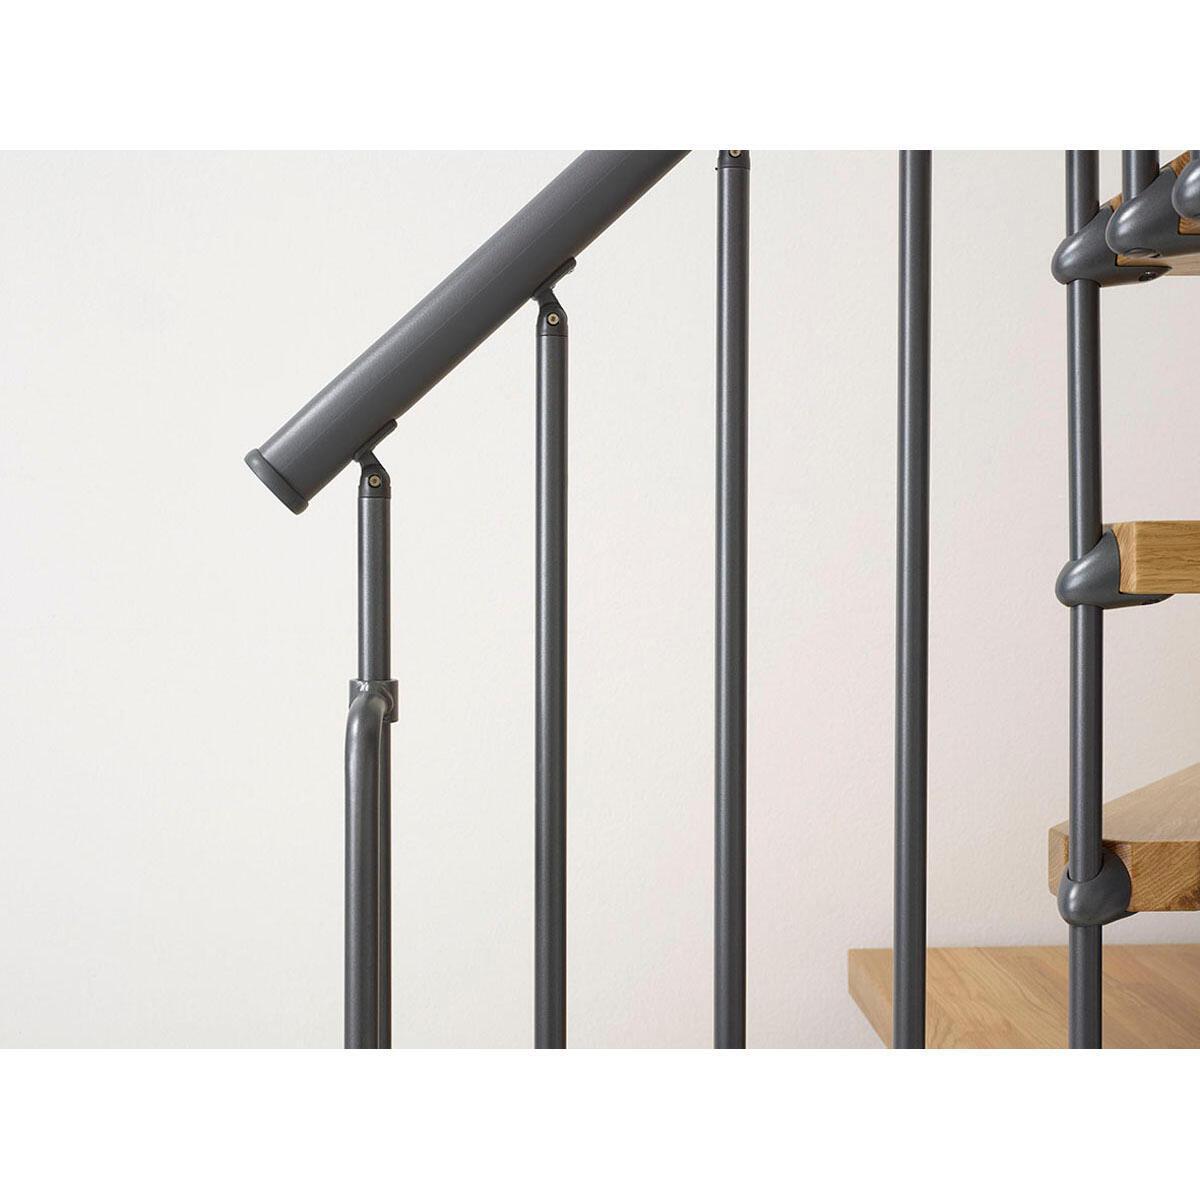 Scala a rampa due quarti di giro Oak FONTANOT L 90 cm, gradino rovere, struttura antracite - 3